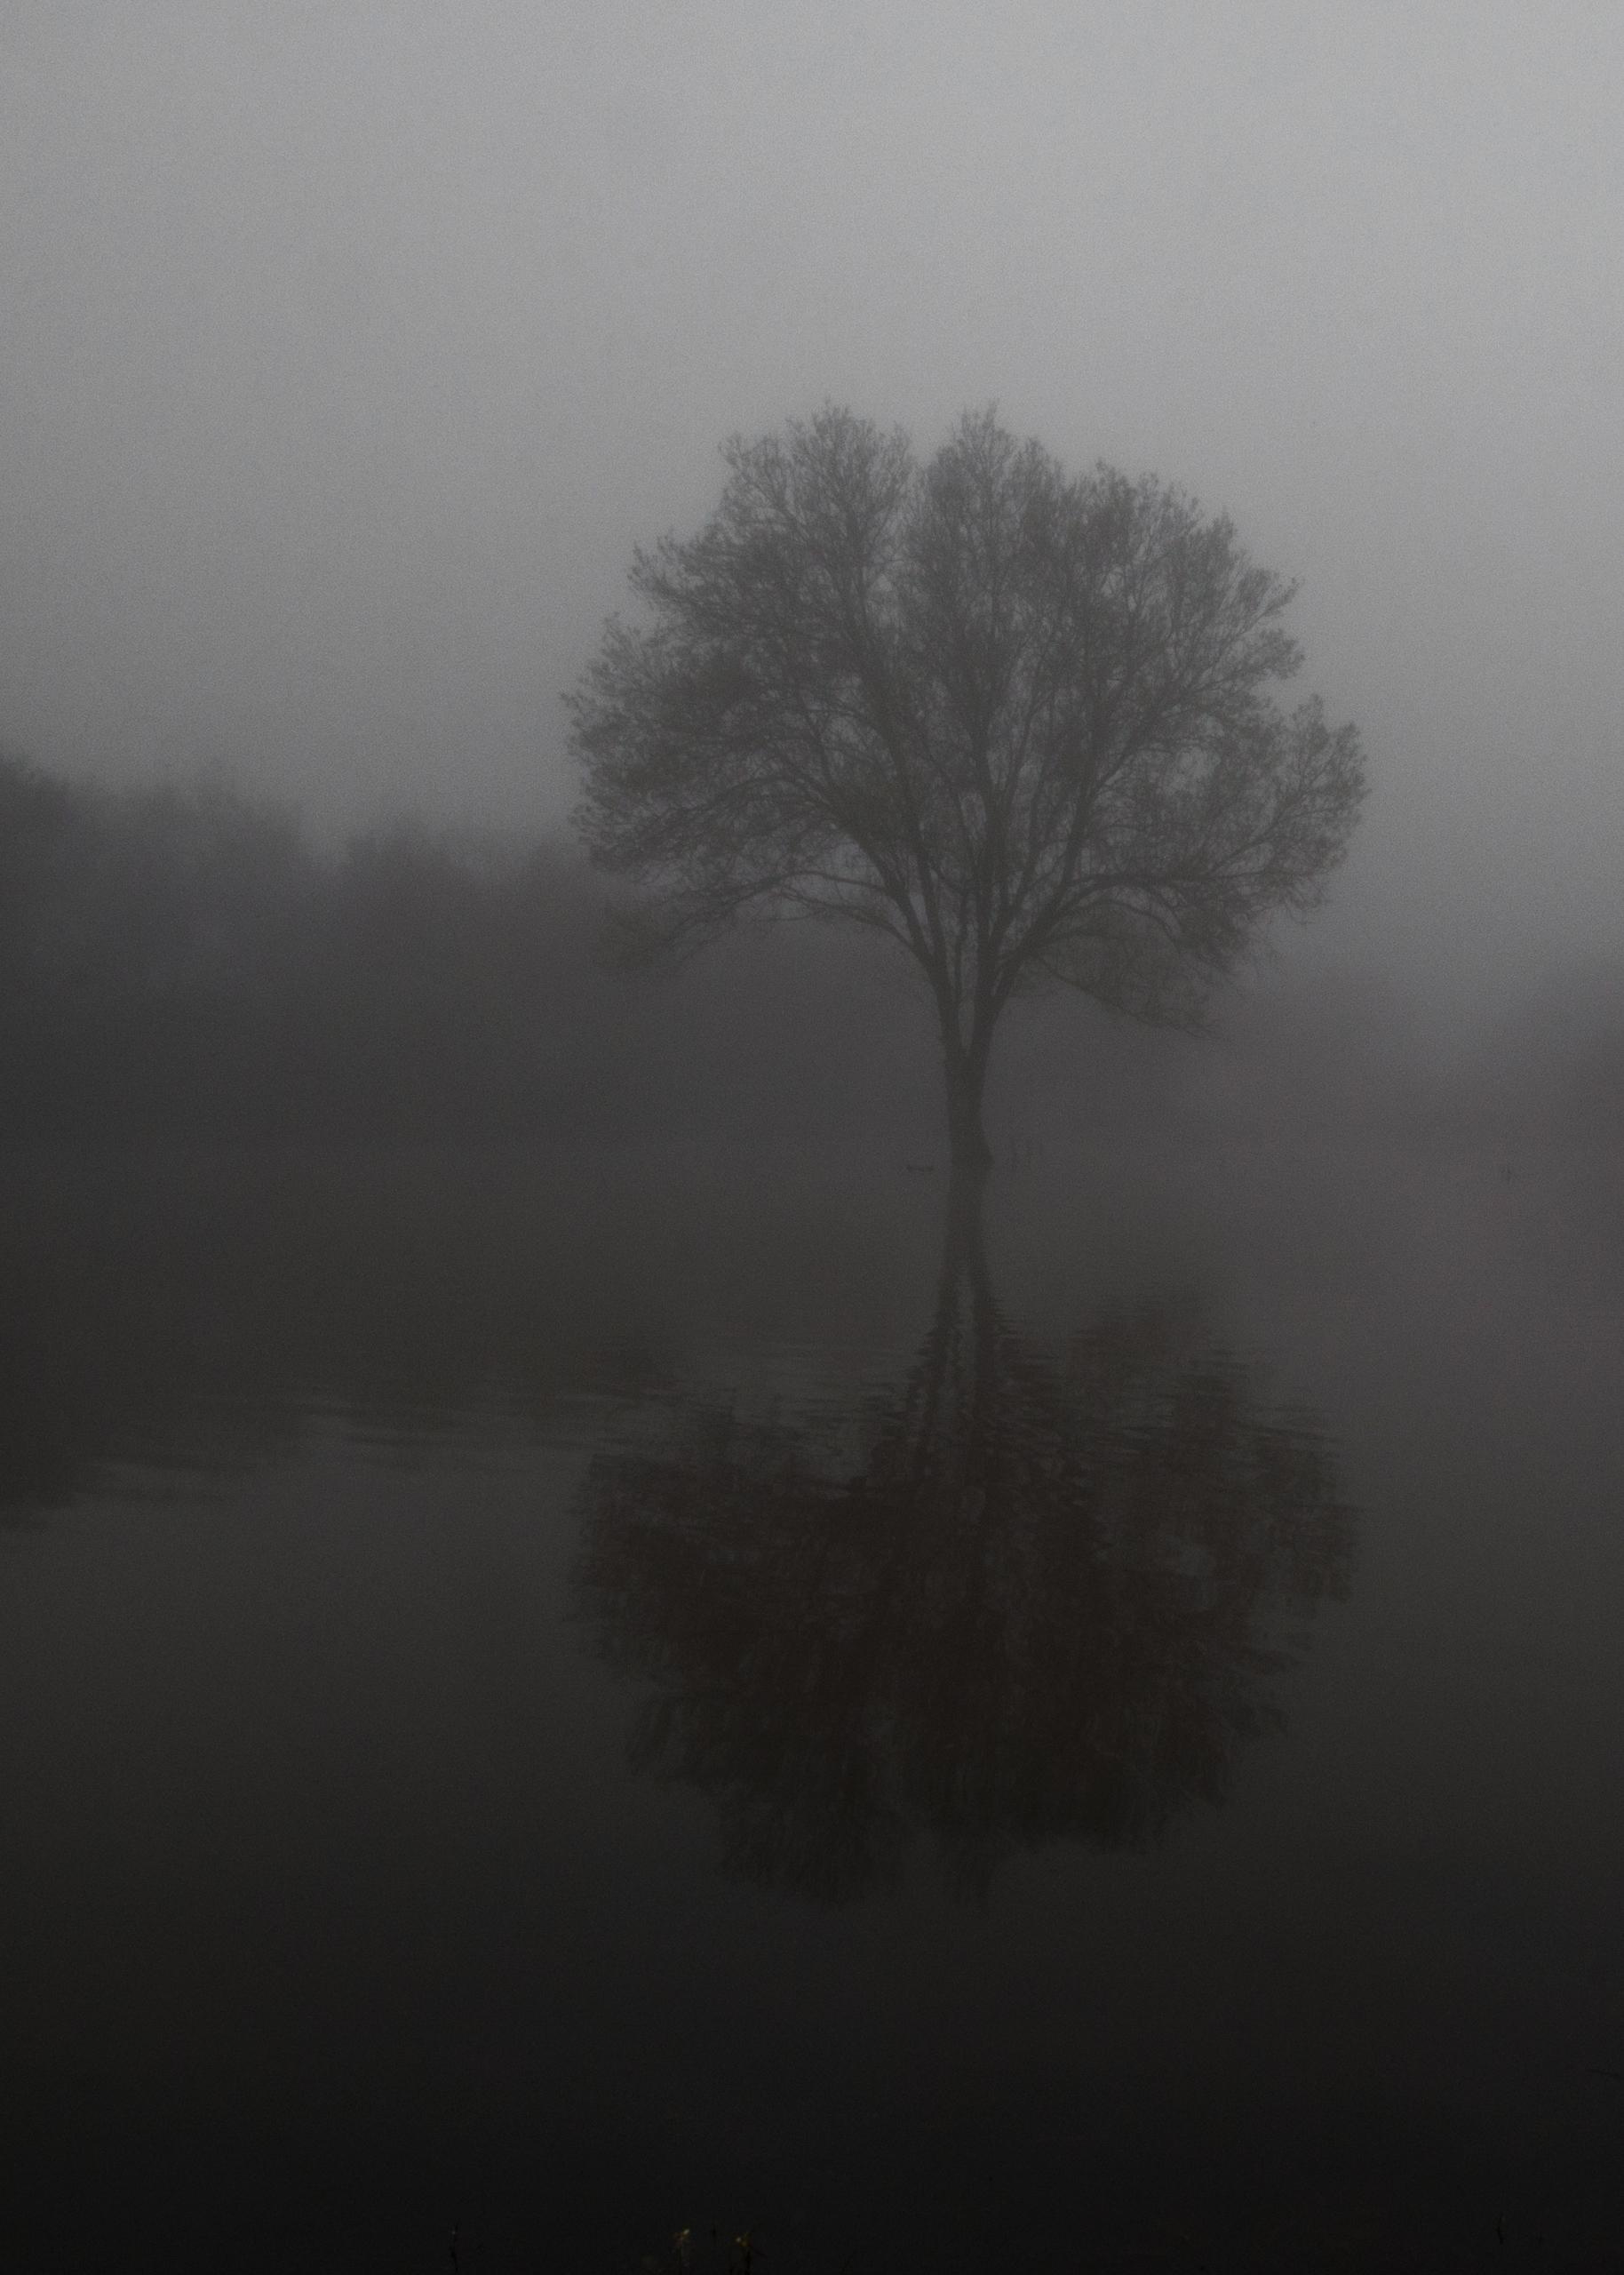 05:45 magical mystic landscapes - elloweirdo | ello